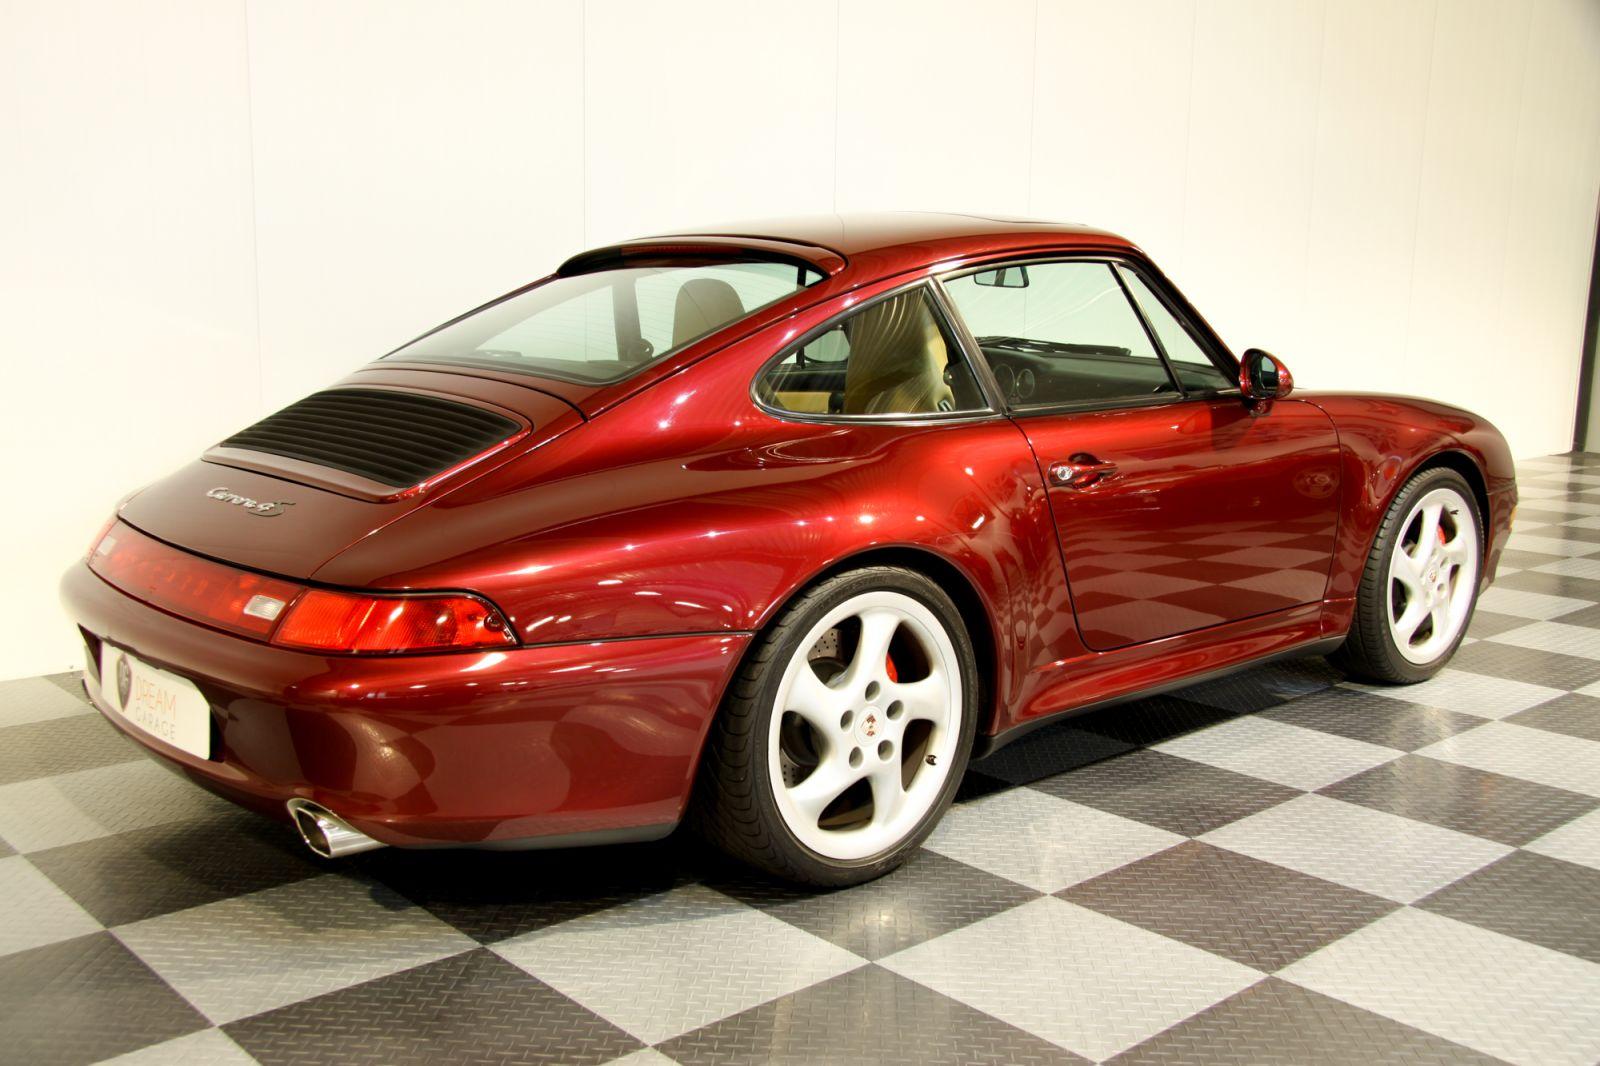 dream garage sold carsporsche porsche 911 993 carrera. Black Bedroom Furniture Sets. Home Design Ideas